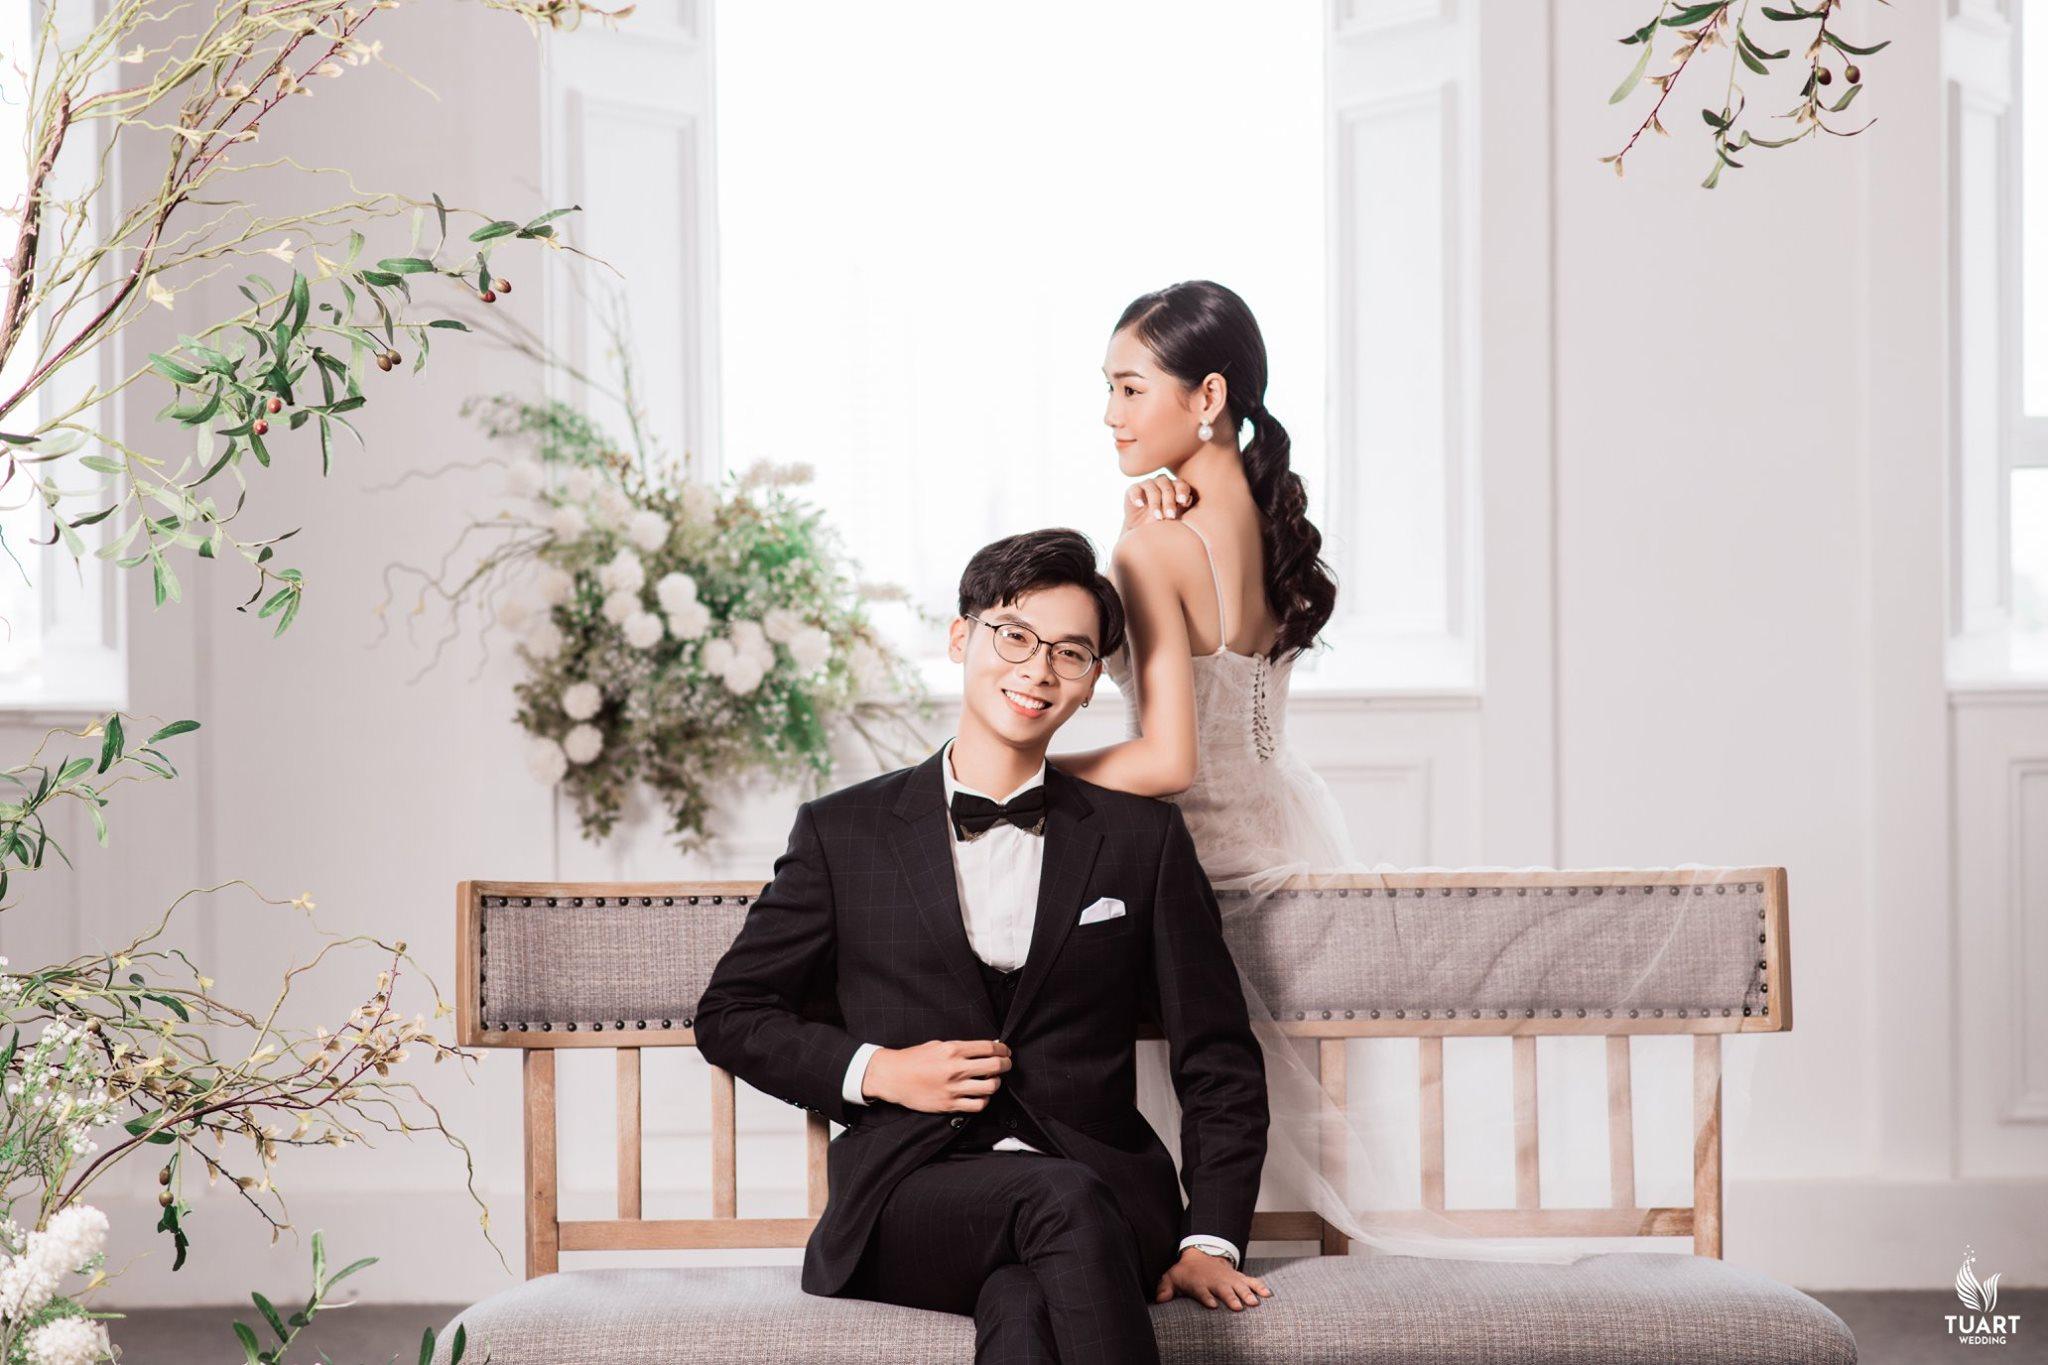 Album chụp ảnh cưới đẹp tại Hà Nội: 5 Graden Studio 27